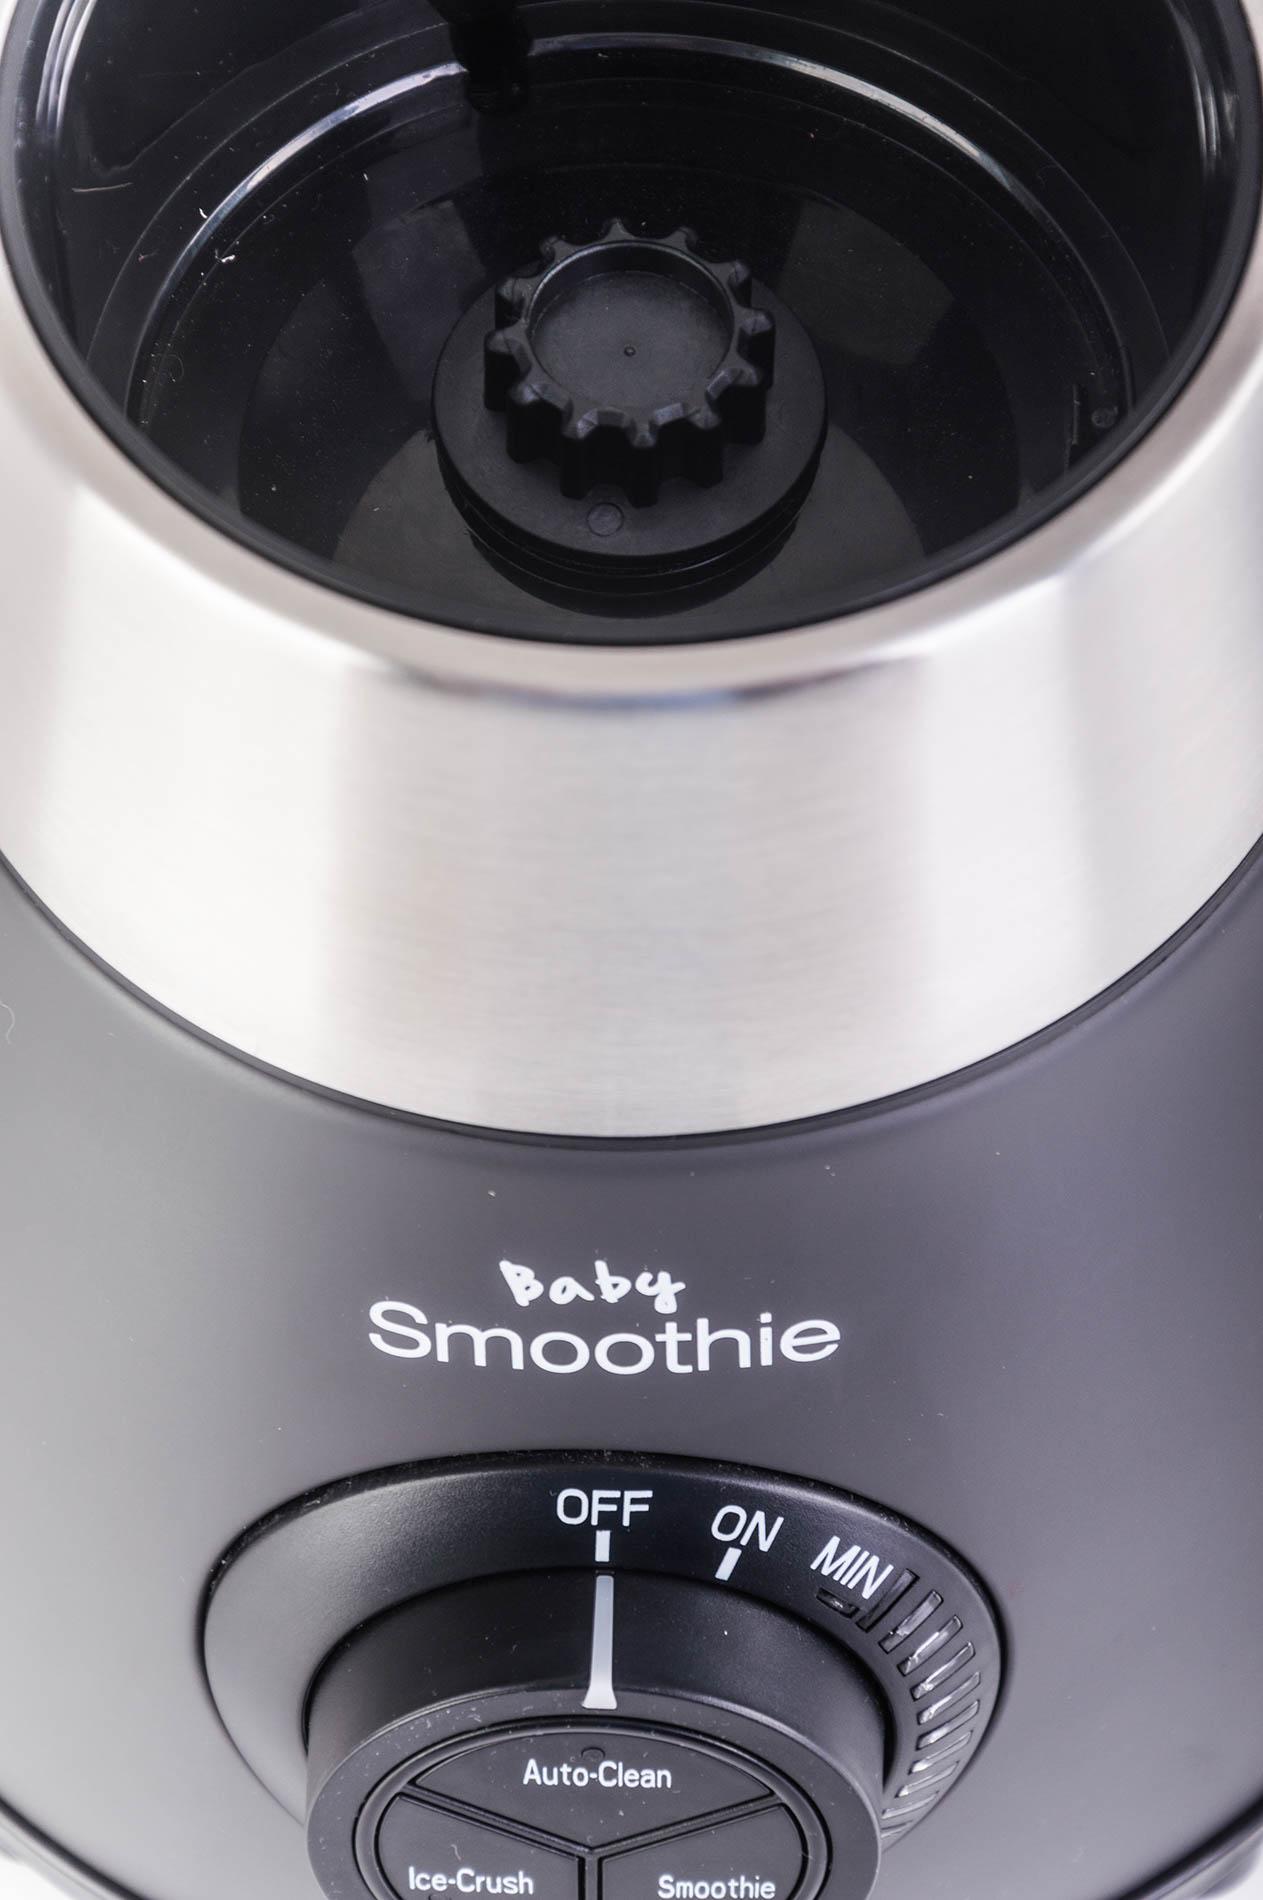 detail kolečka pro regulaci otáček s třemi funkčními tlačítky pro vyčištění mixéru, drcení ledu a mixování